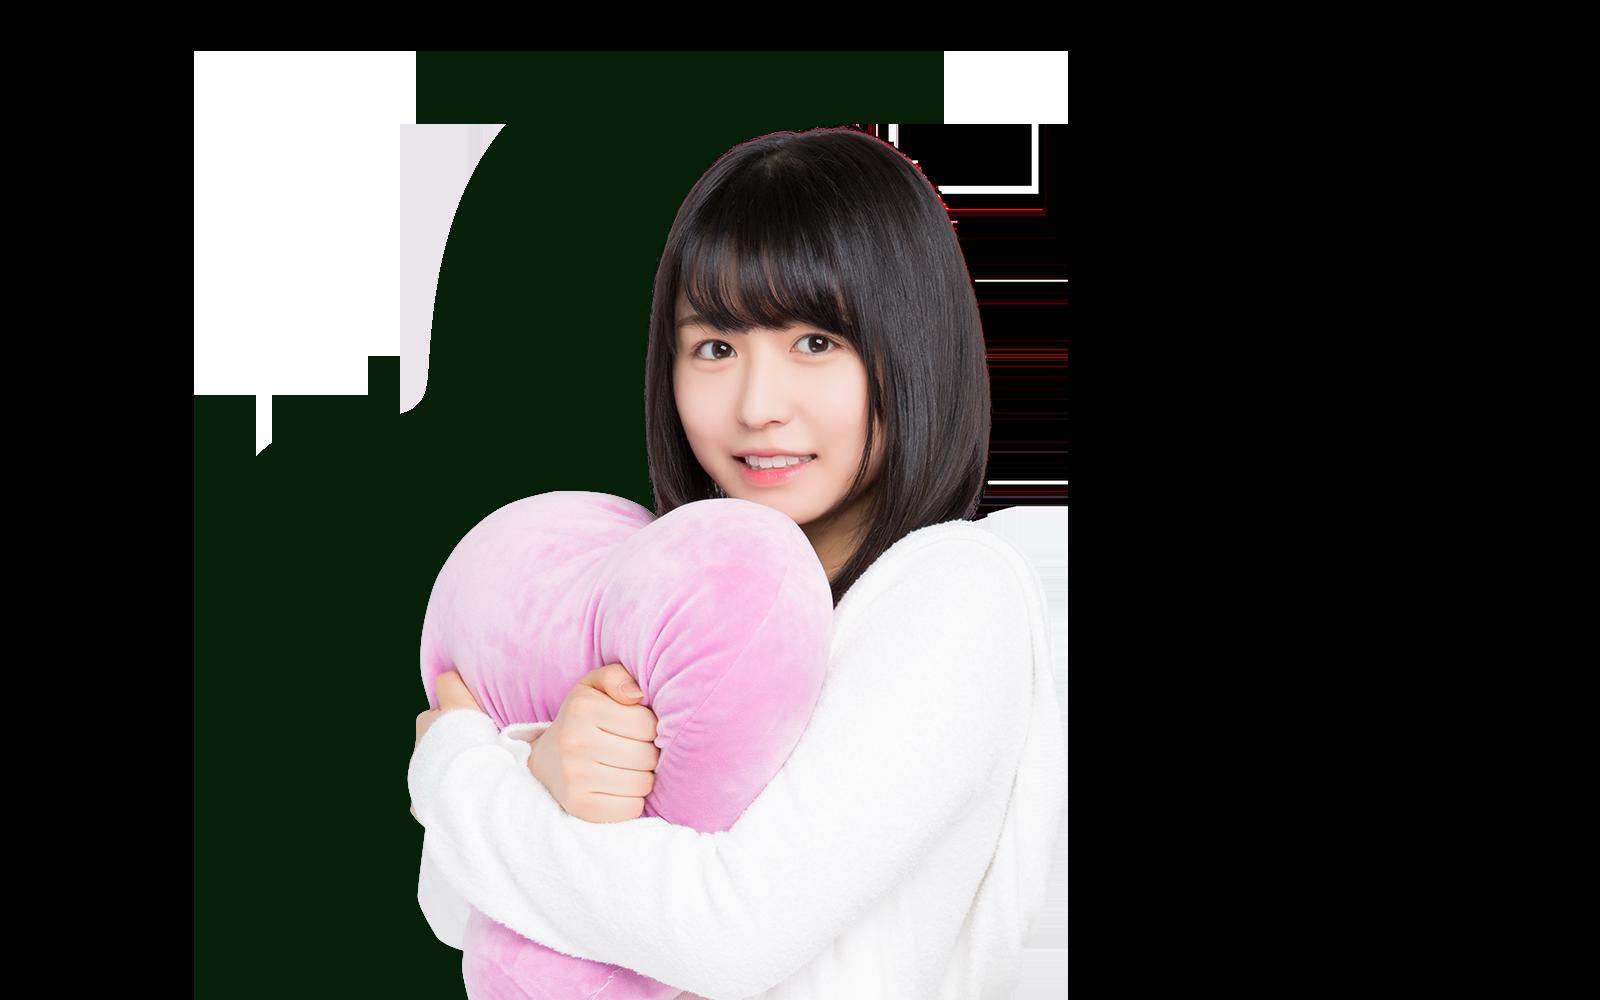 欅坂46 Beside You 欅坂46アラームファンアプリ